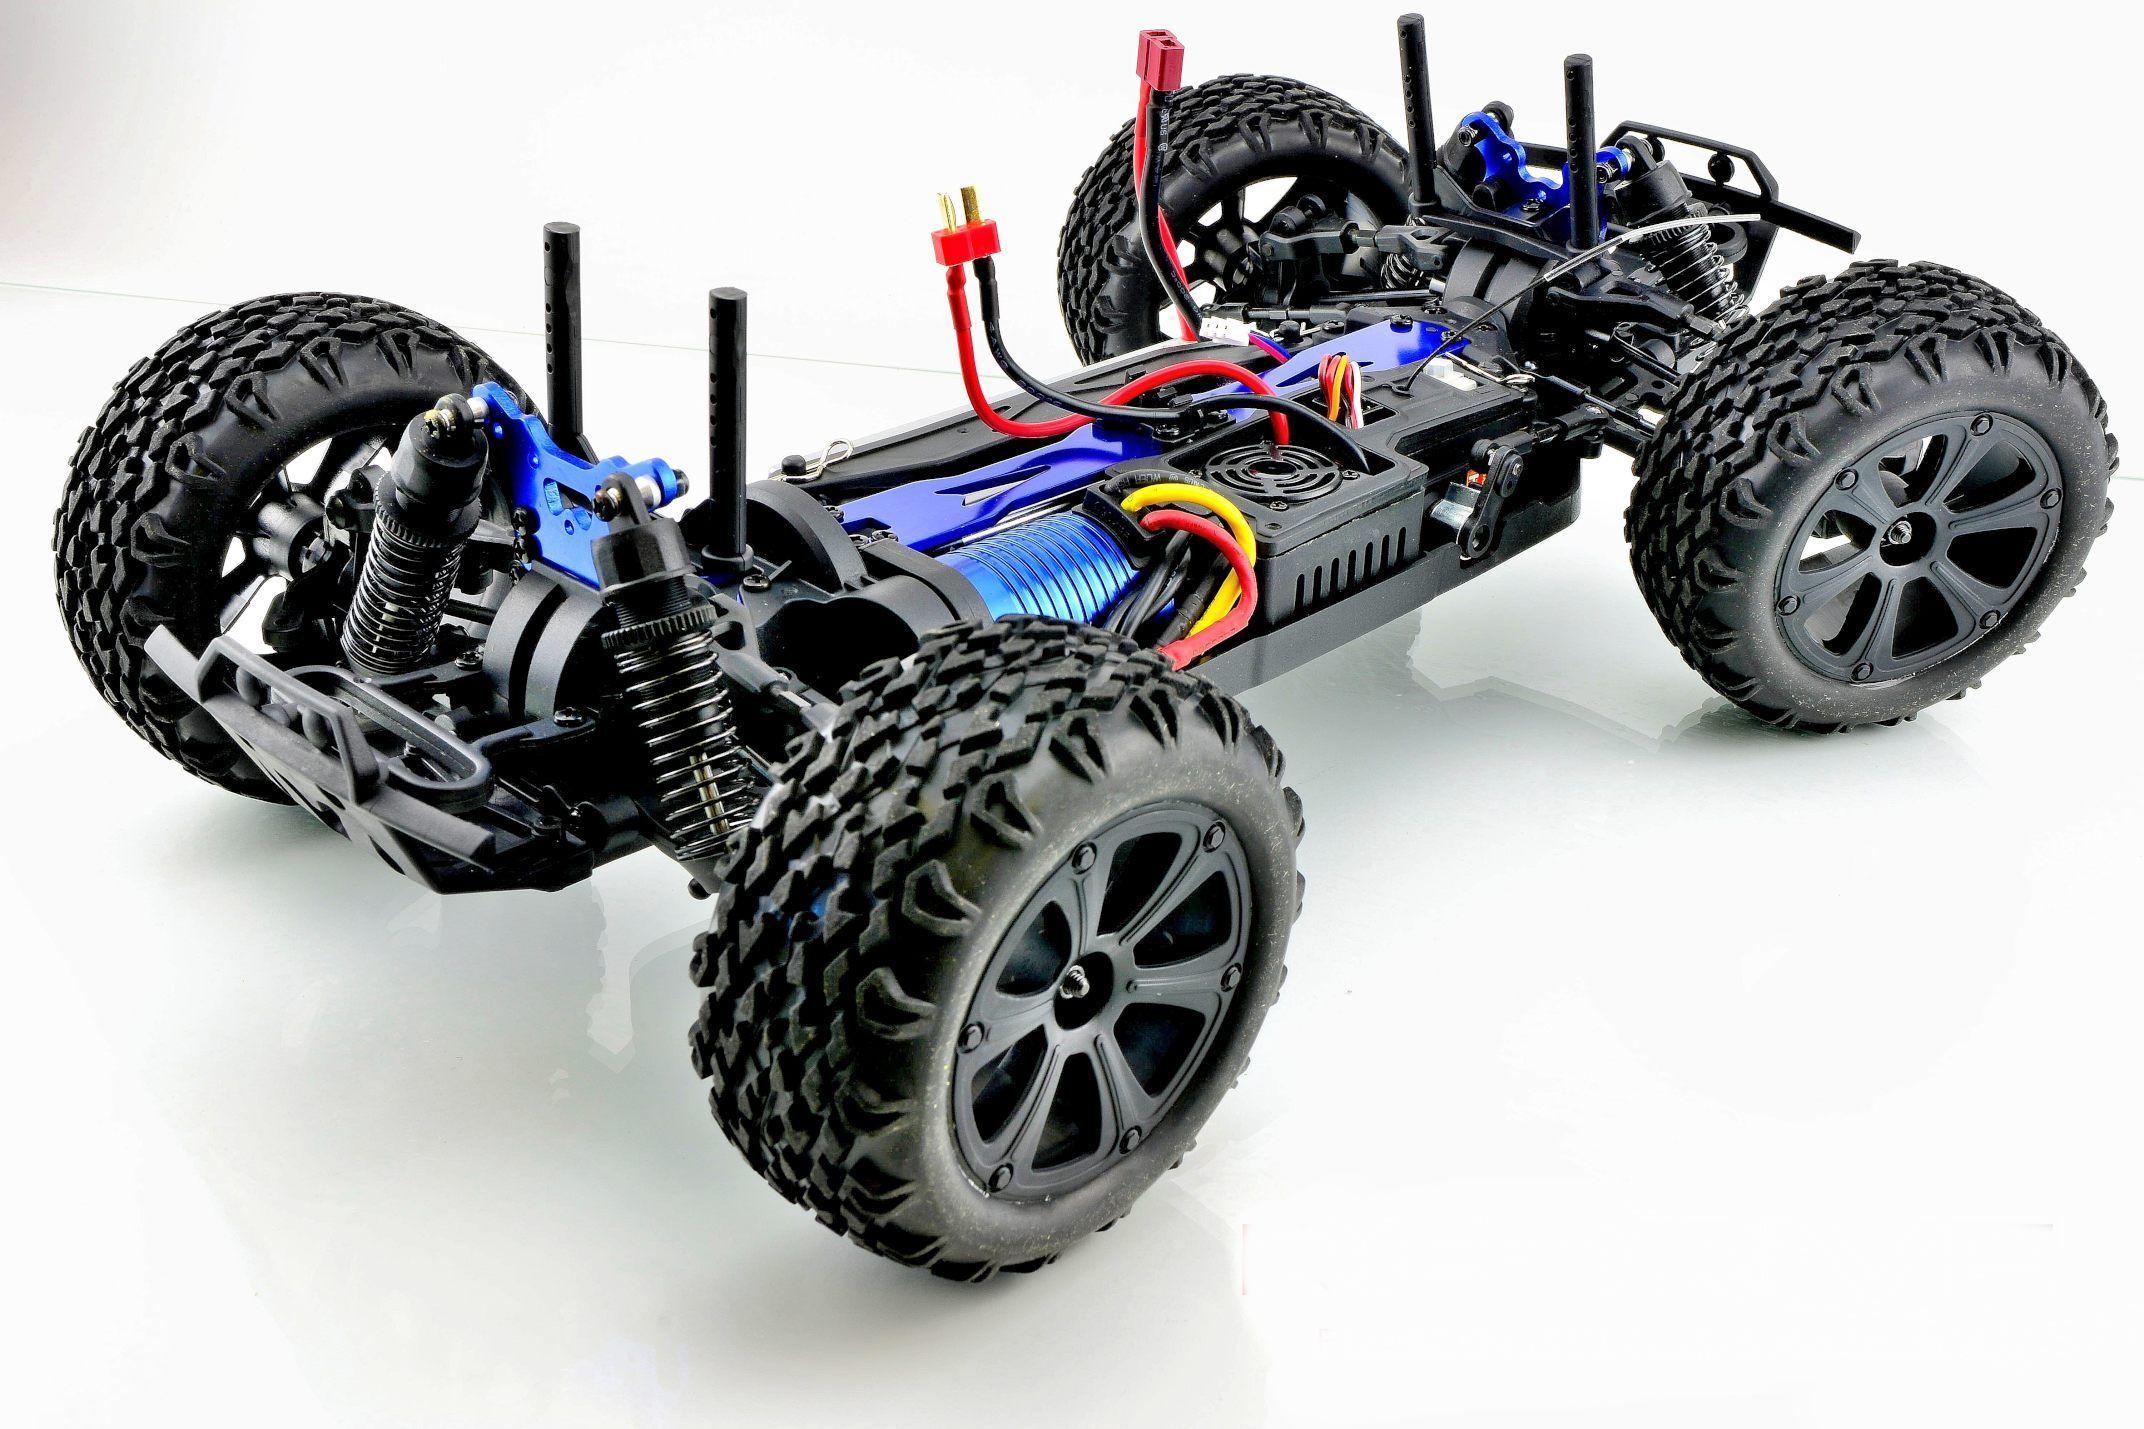 BSD Радиоуправляемая машина Трак 1/10 4WD (Бесколлекторная, 3200мАч, Lipo, 2.4G)